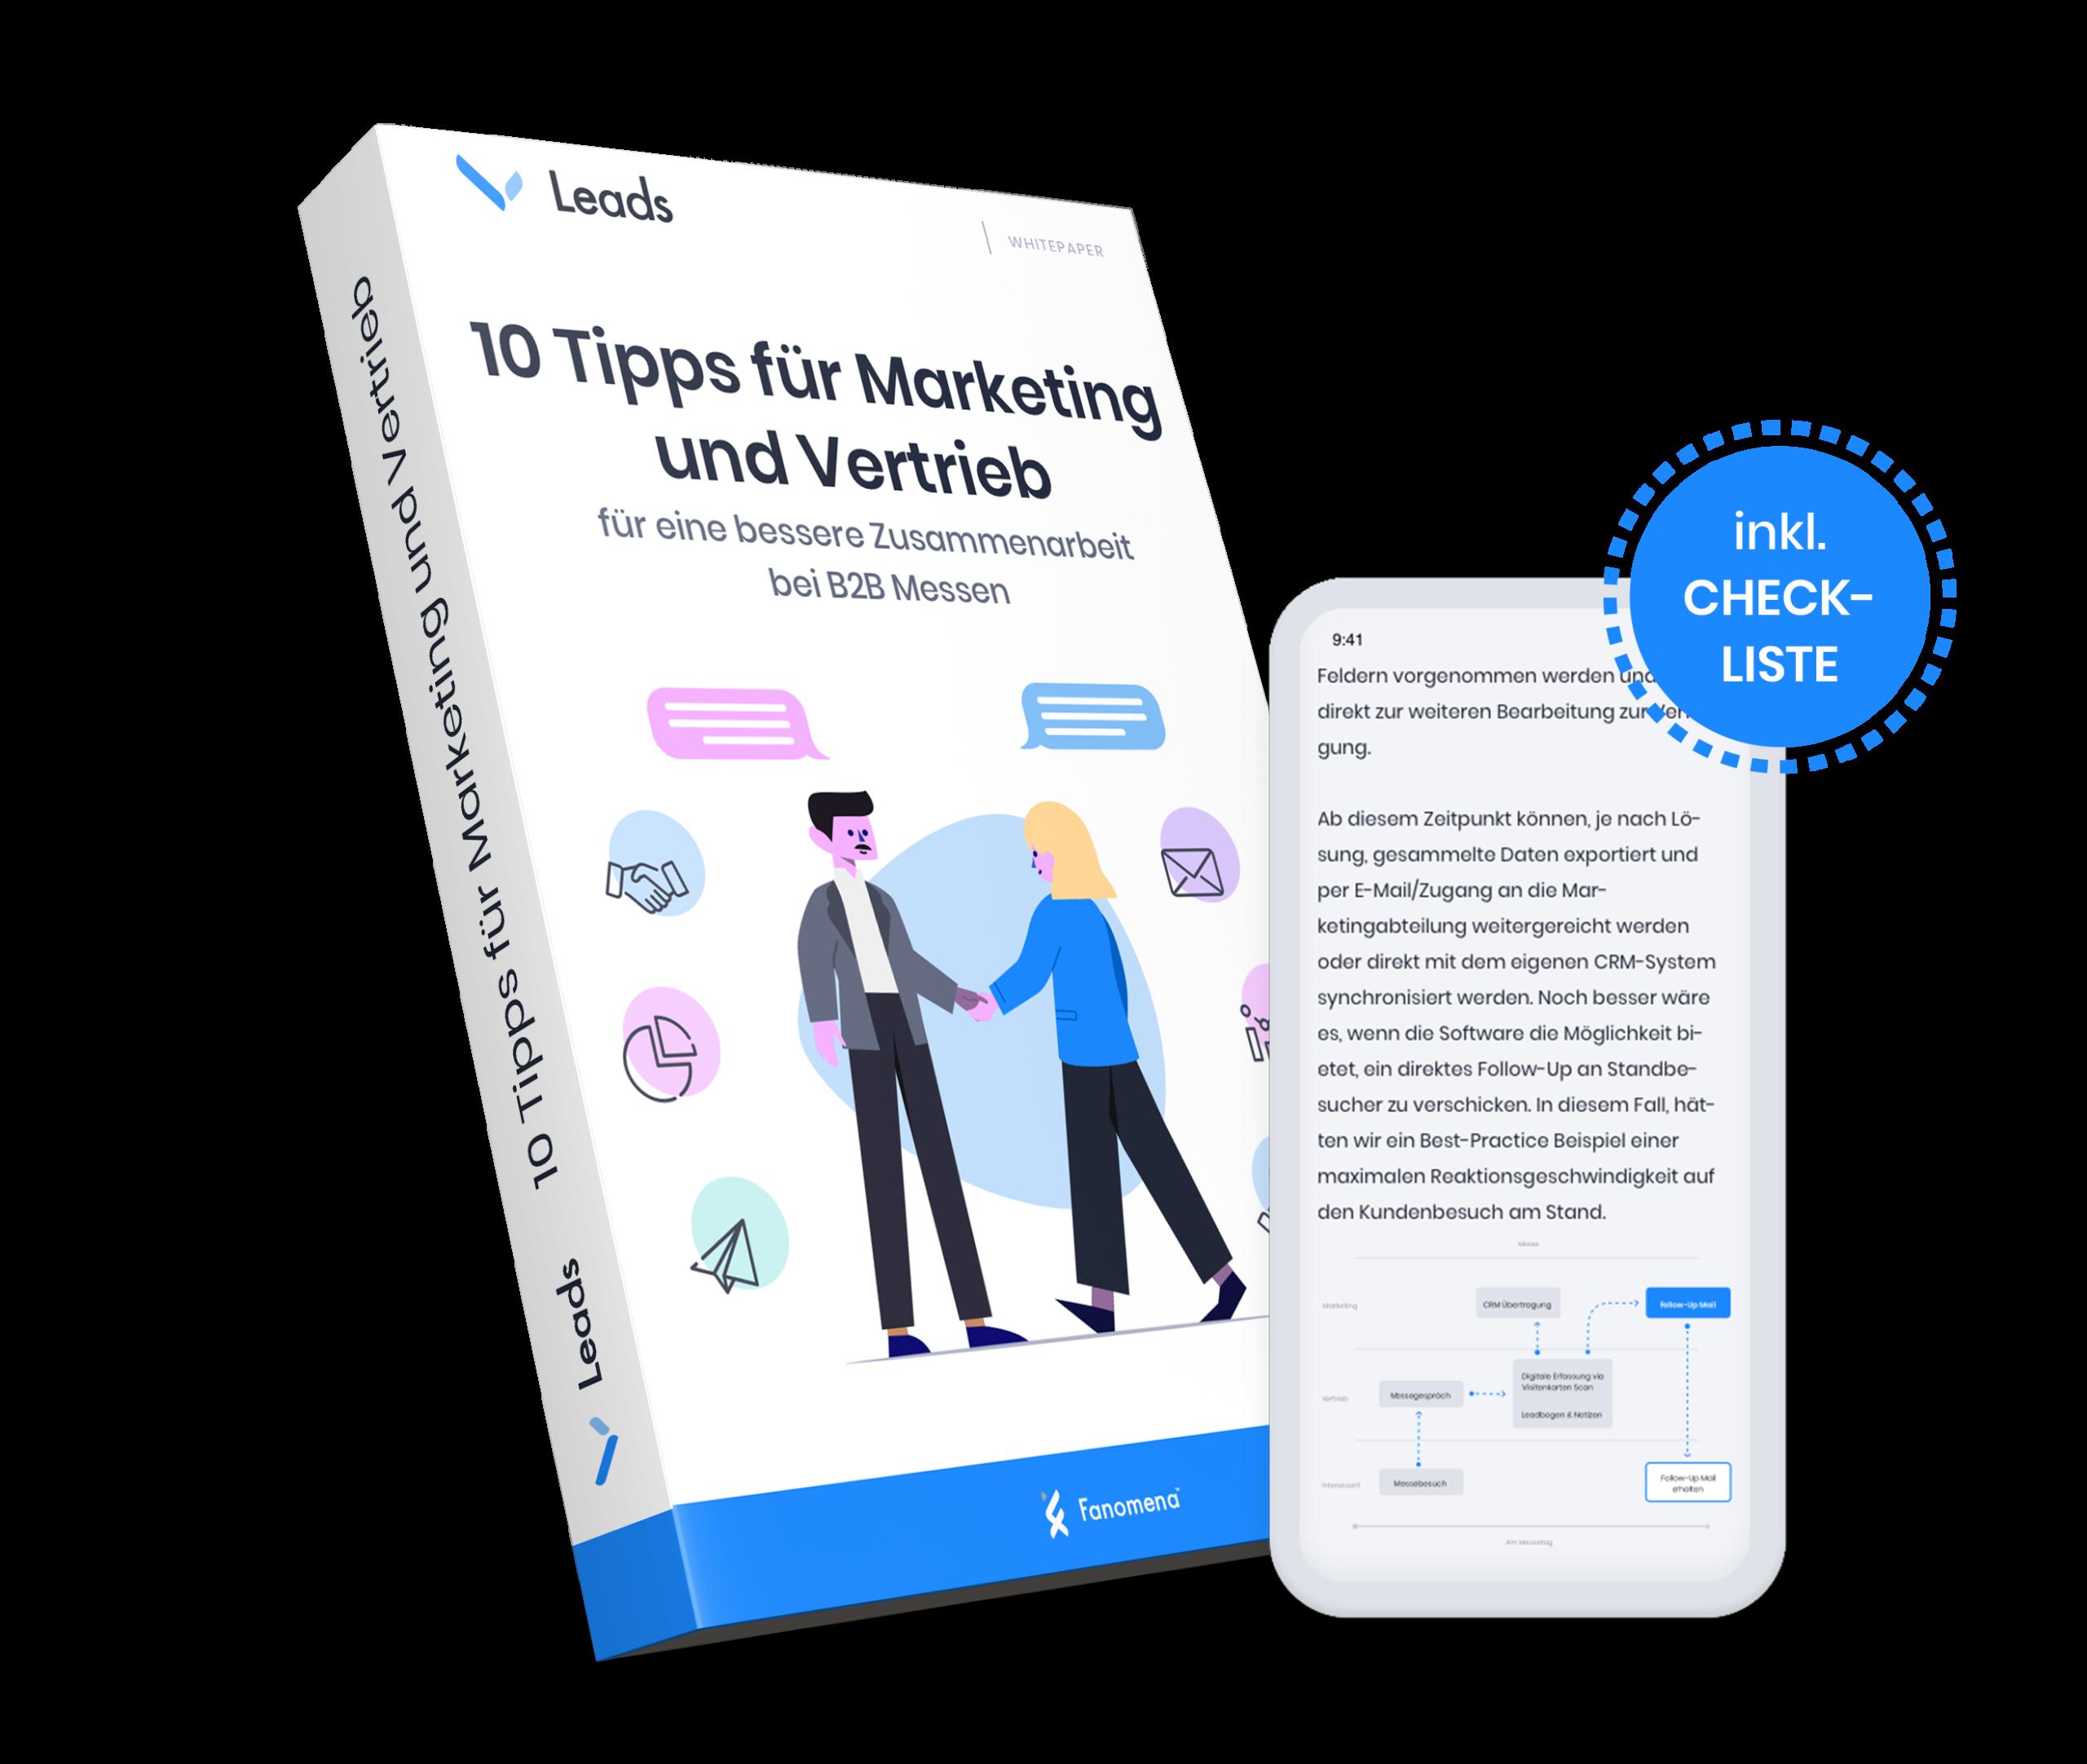 Fanomena-Leads_10-Tipps-für-Marketing-und-Vertrieb